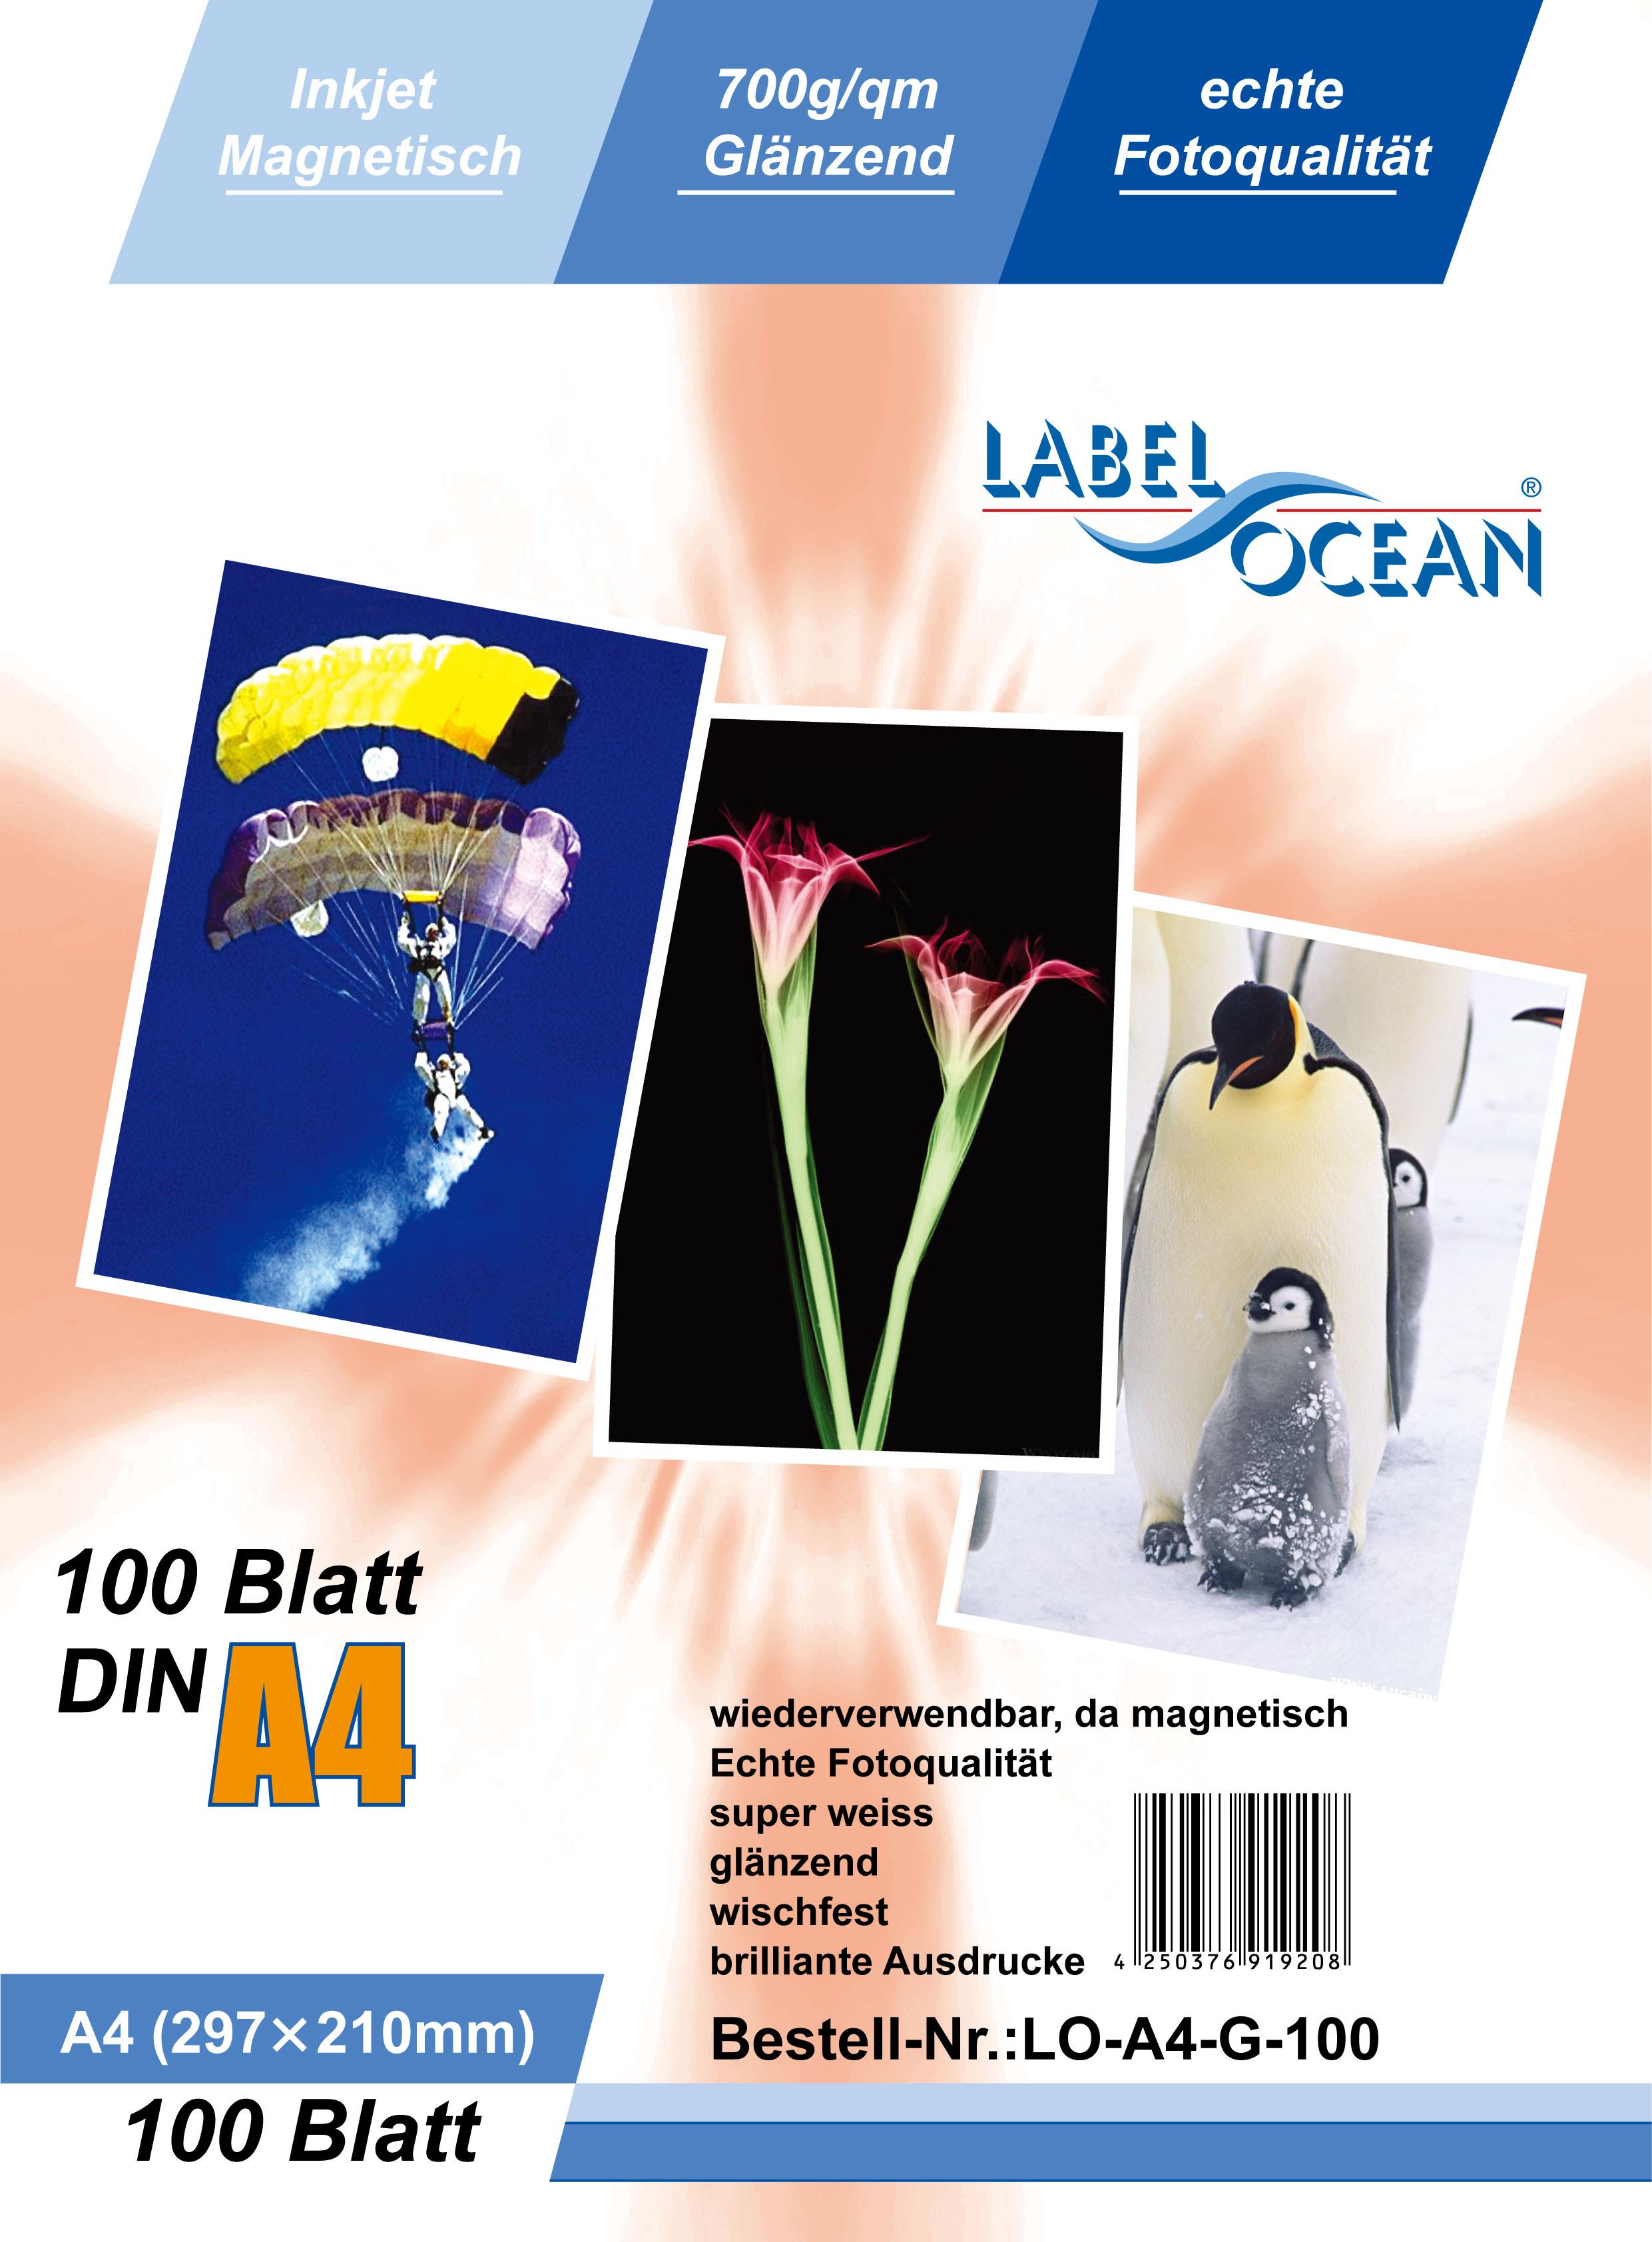 Origineel Premium magnetisch papier van LabelOcean® -LO-A4-G-100